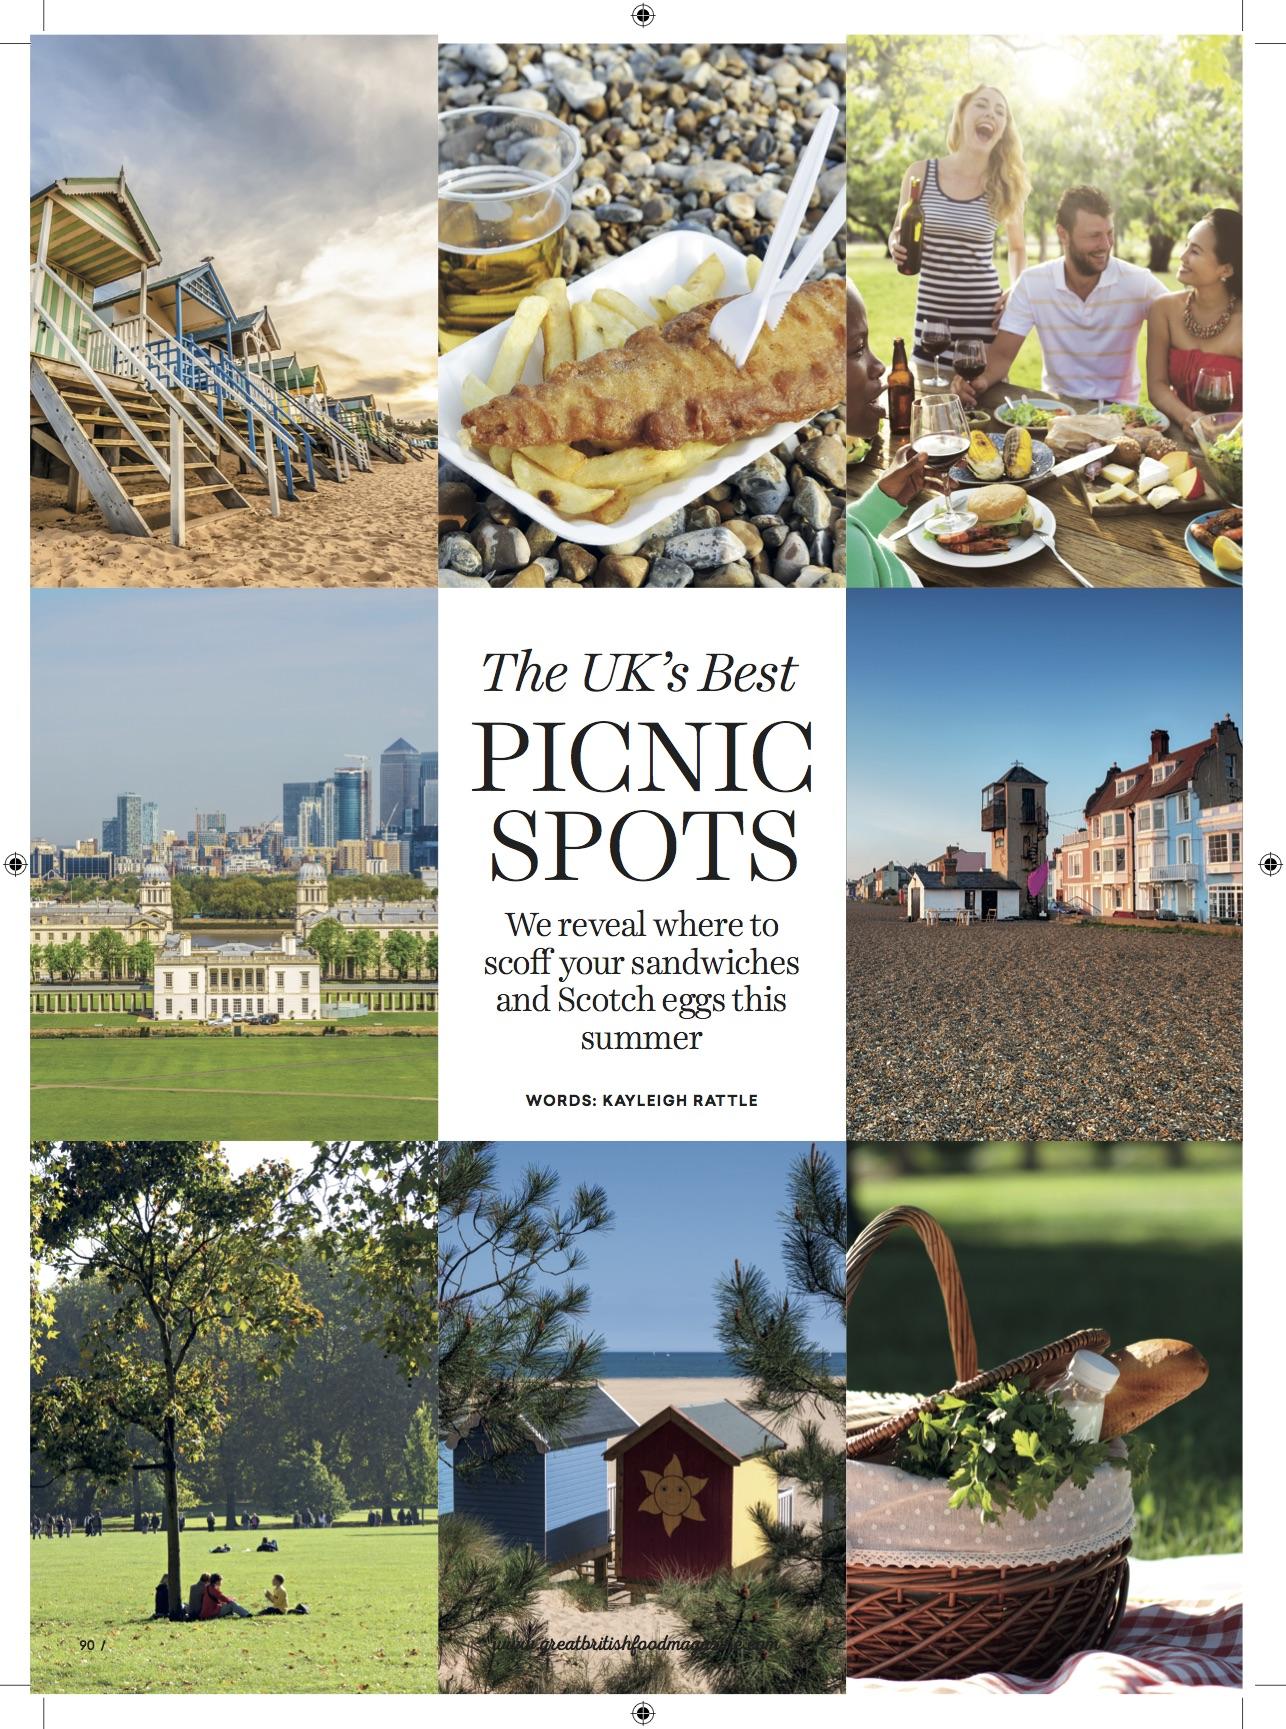 picnic spots.jpg